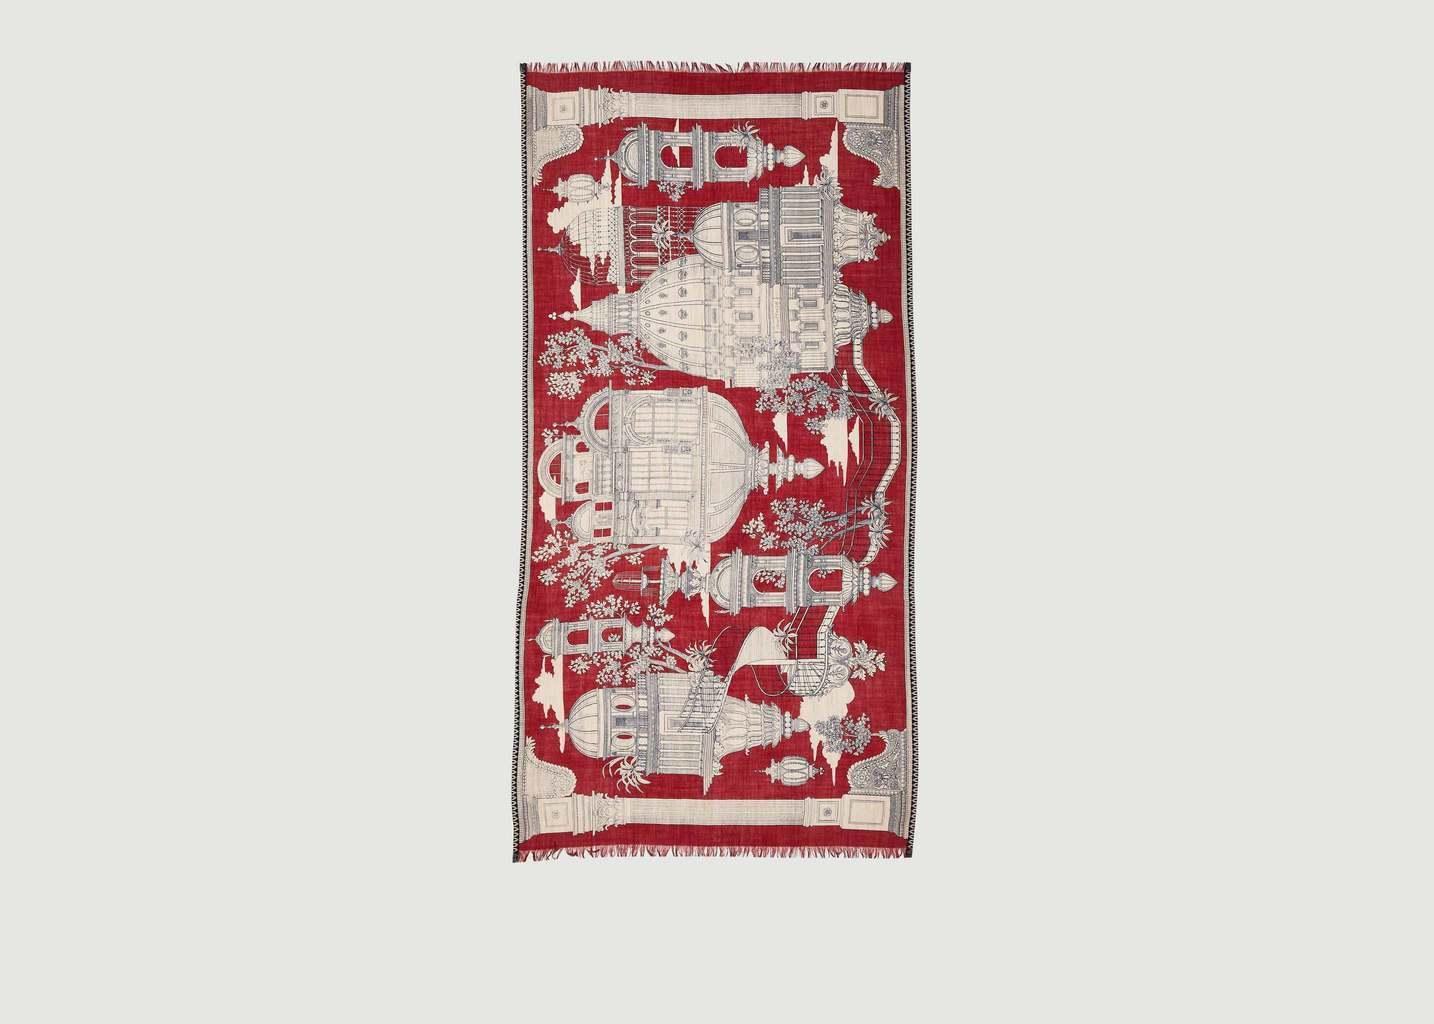 Foulard Archipel 100x190 - Inouitoosh